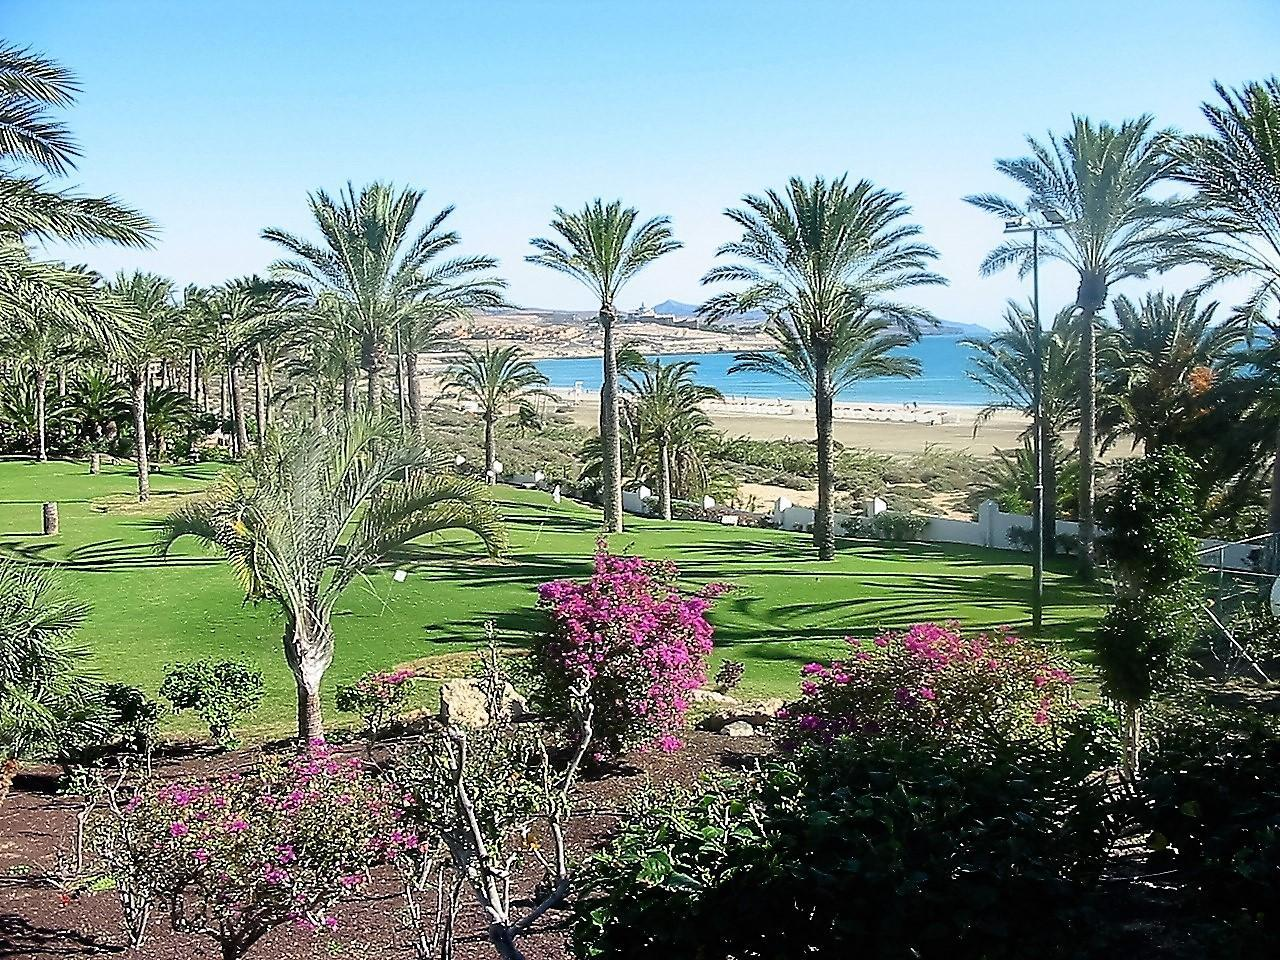 Ferienwohnung Penthouse / Apt. in der besten Gegend von Costa Calma, mit Blick auf eine große Terrasse a (487472), Costa Calma, Fuerteventura, Kanarische Inseln, Spanien, Bild 1